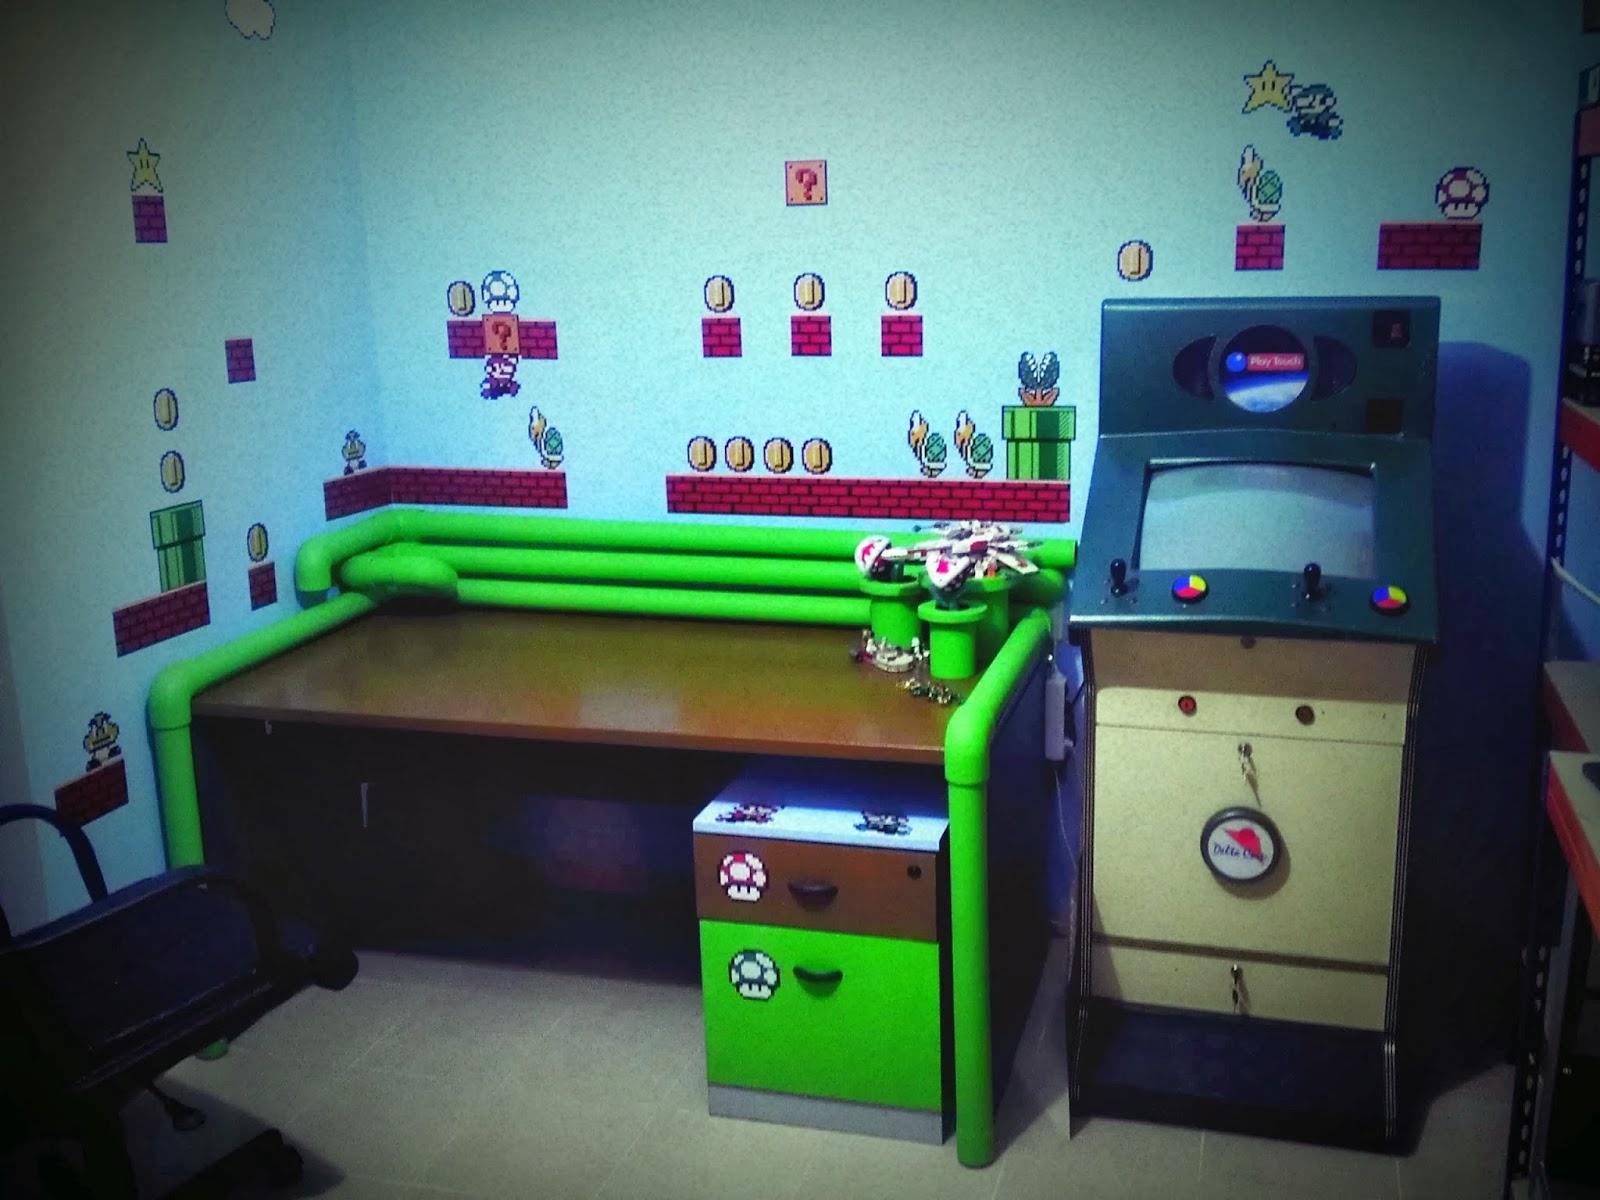 El blog de fornes como decorar una habitaci n friki - Mejor sistema para calentar una habitacion ...